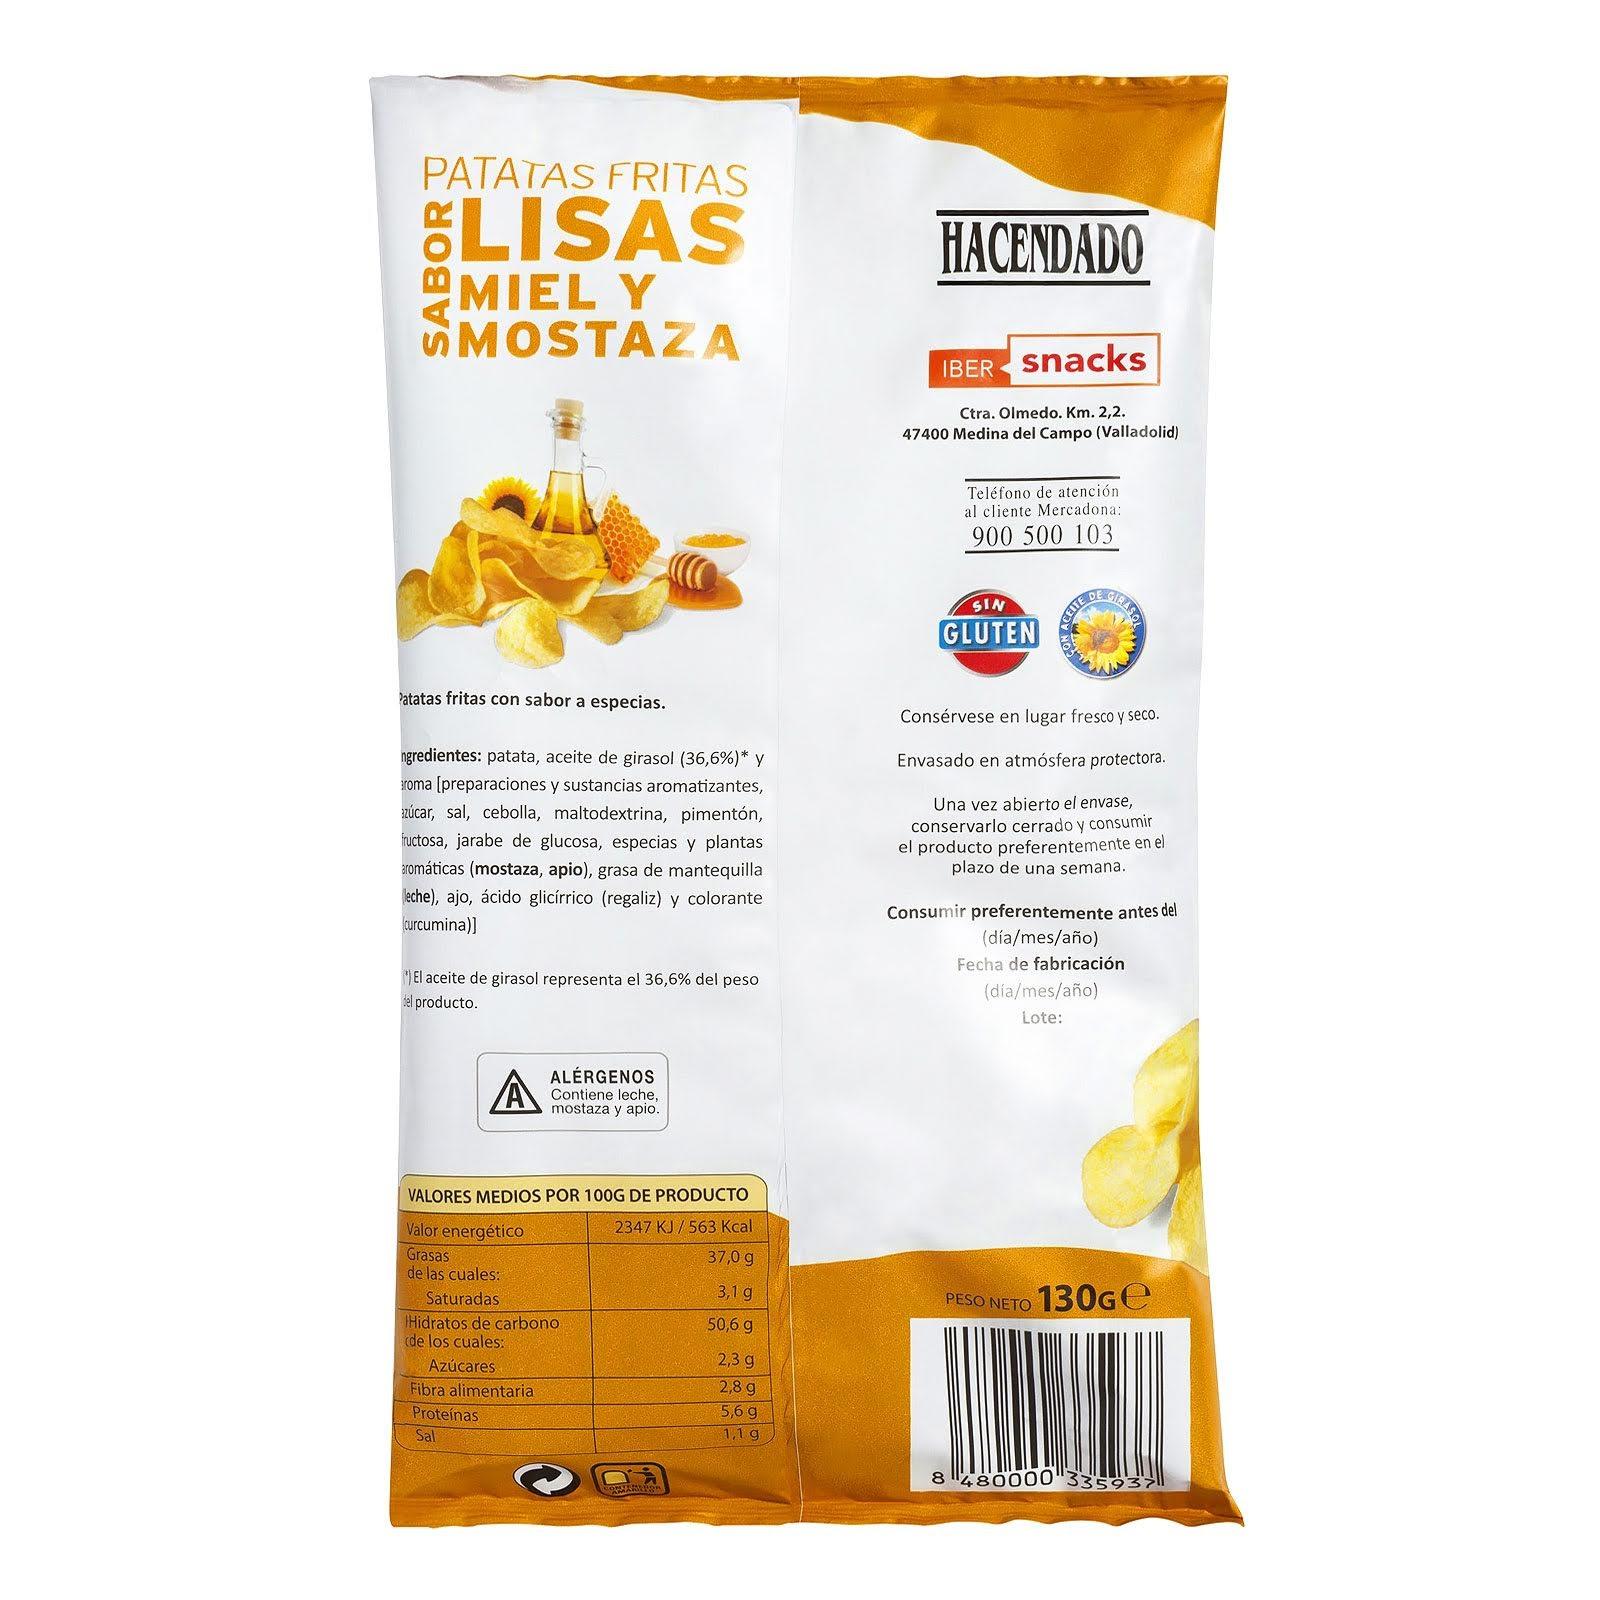 Patatas fritas lisas sabor miel y mostaza Hacendado